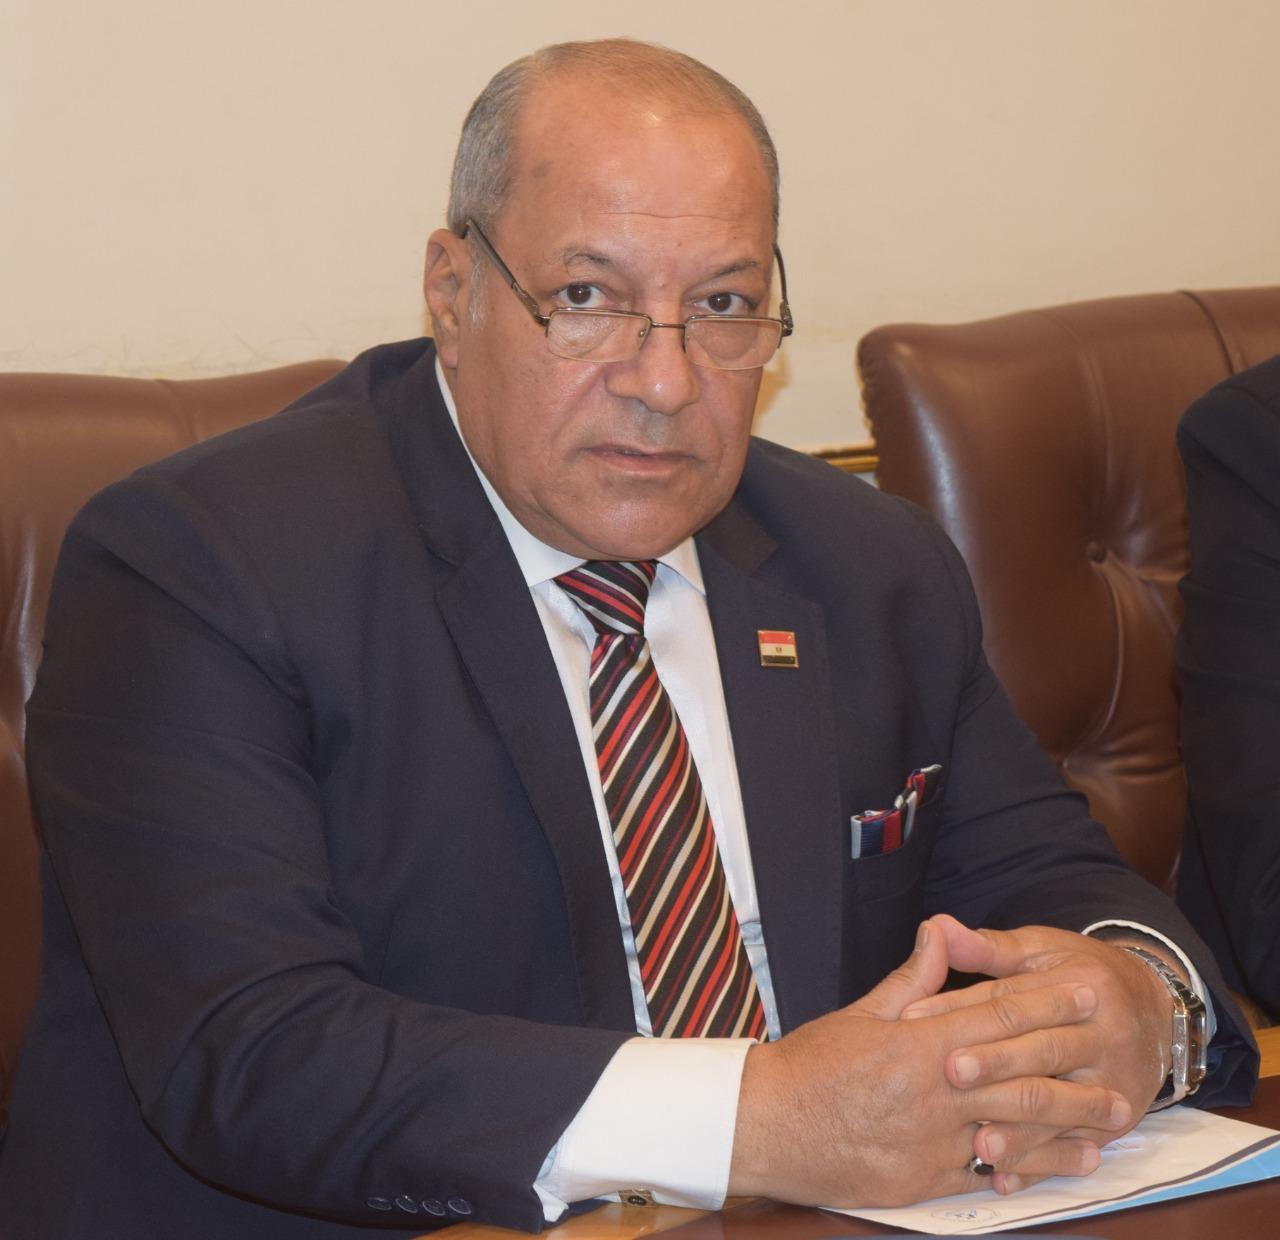 انتخاب مجلس ادارة شعبة المخابز تجتمع لتشكيل هيئة مكتبها.. خلال أيام